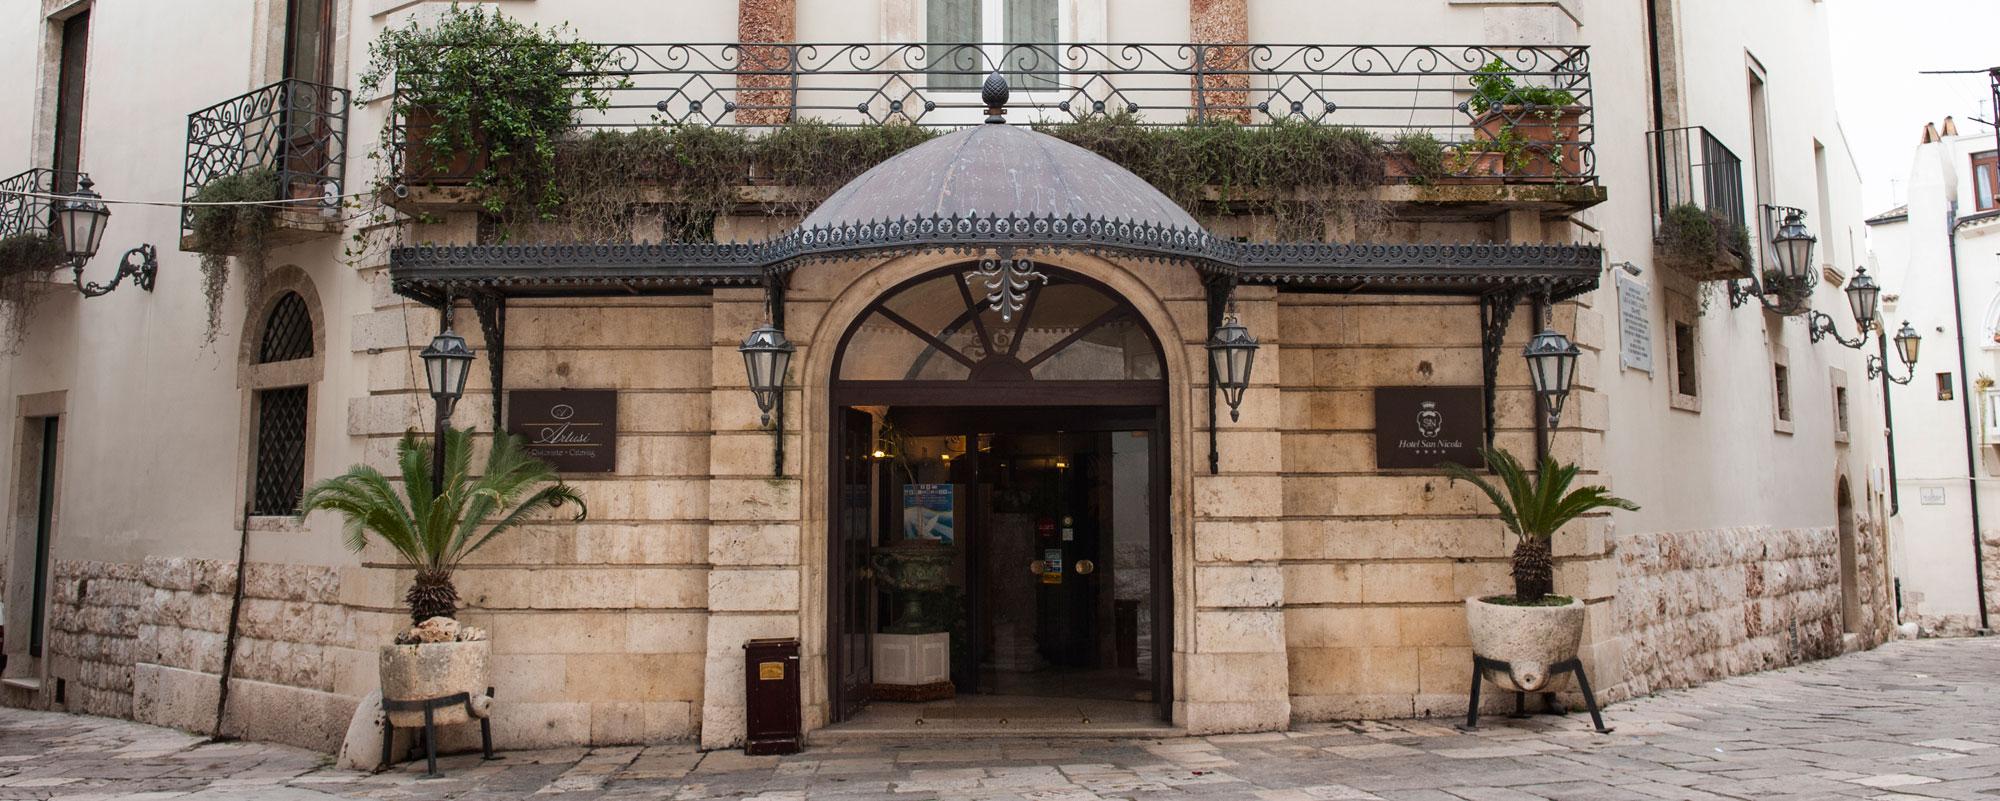 San Nicola Hotel Altamura